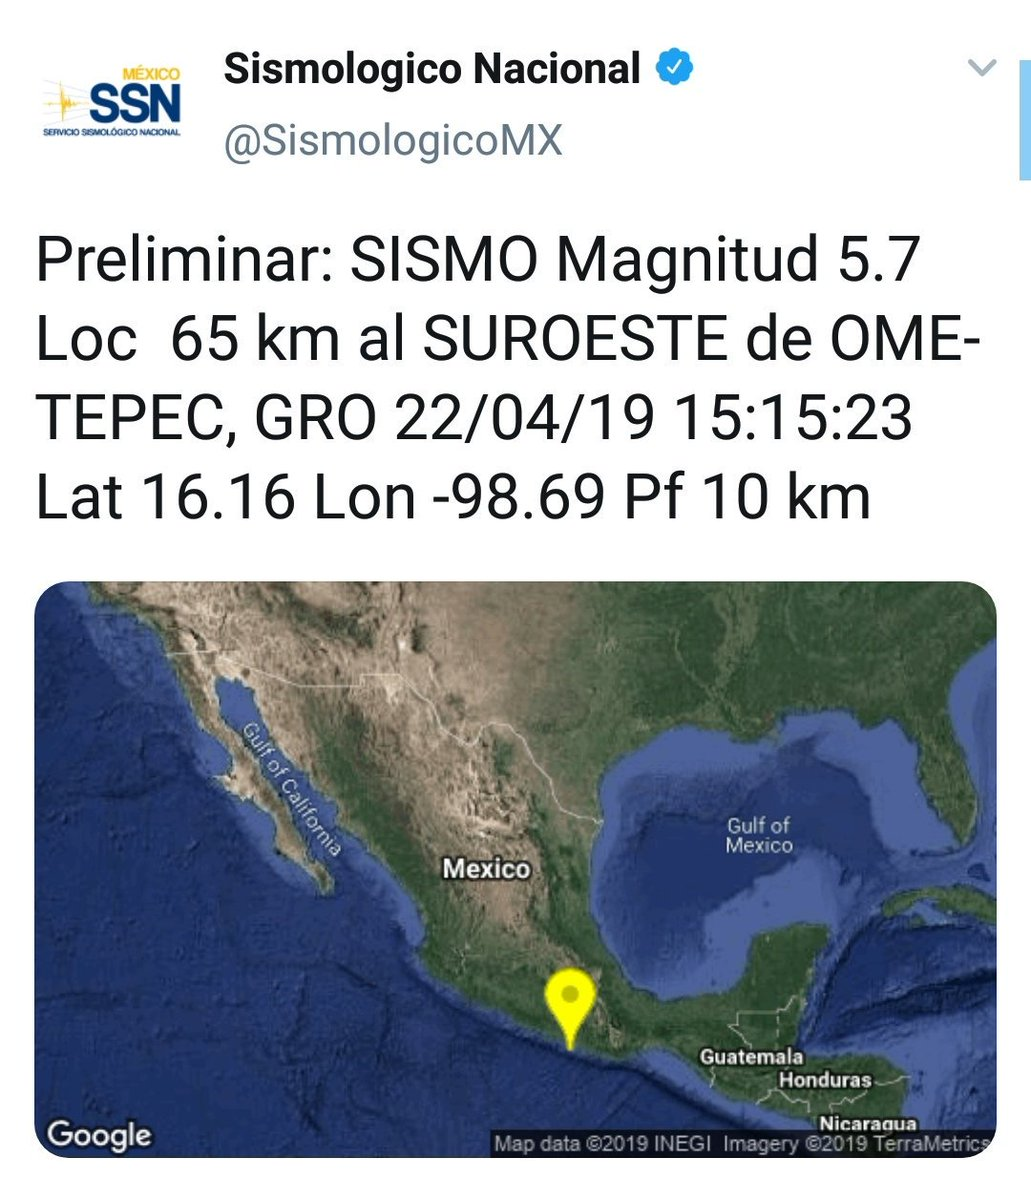 Reportan #Sismo de 5.7 grados   El Servicio Sismológico Nacional (SSN) registró un movimiento de 5.7 grados a las 15:15 horas de este lunes.  El movimiento telurico fue perceptible en los Estados de Oaxaca, Puebla, Guerrero y Ciudad de México #sismos #SSN #Tlaxcala